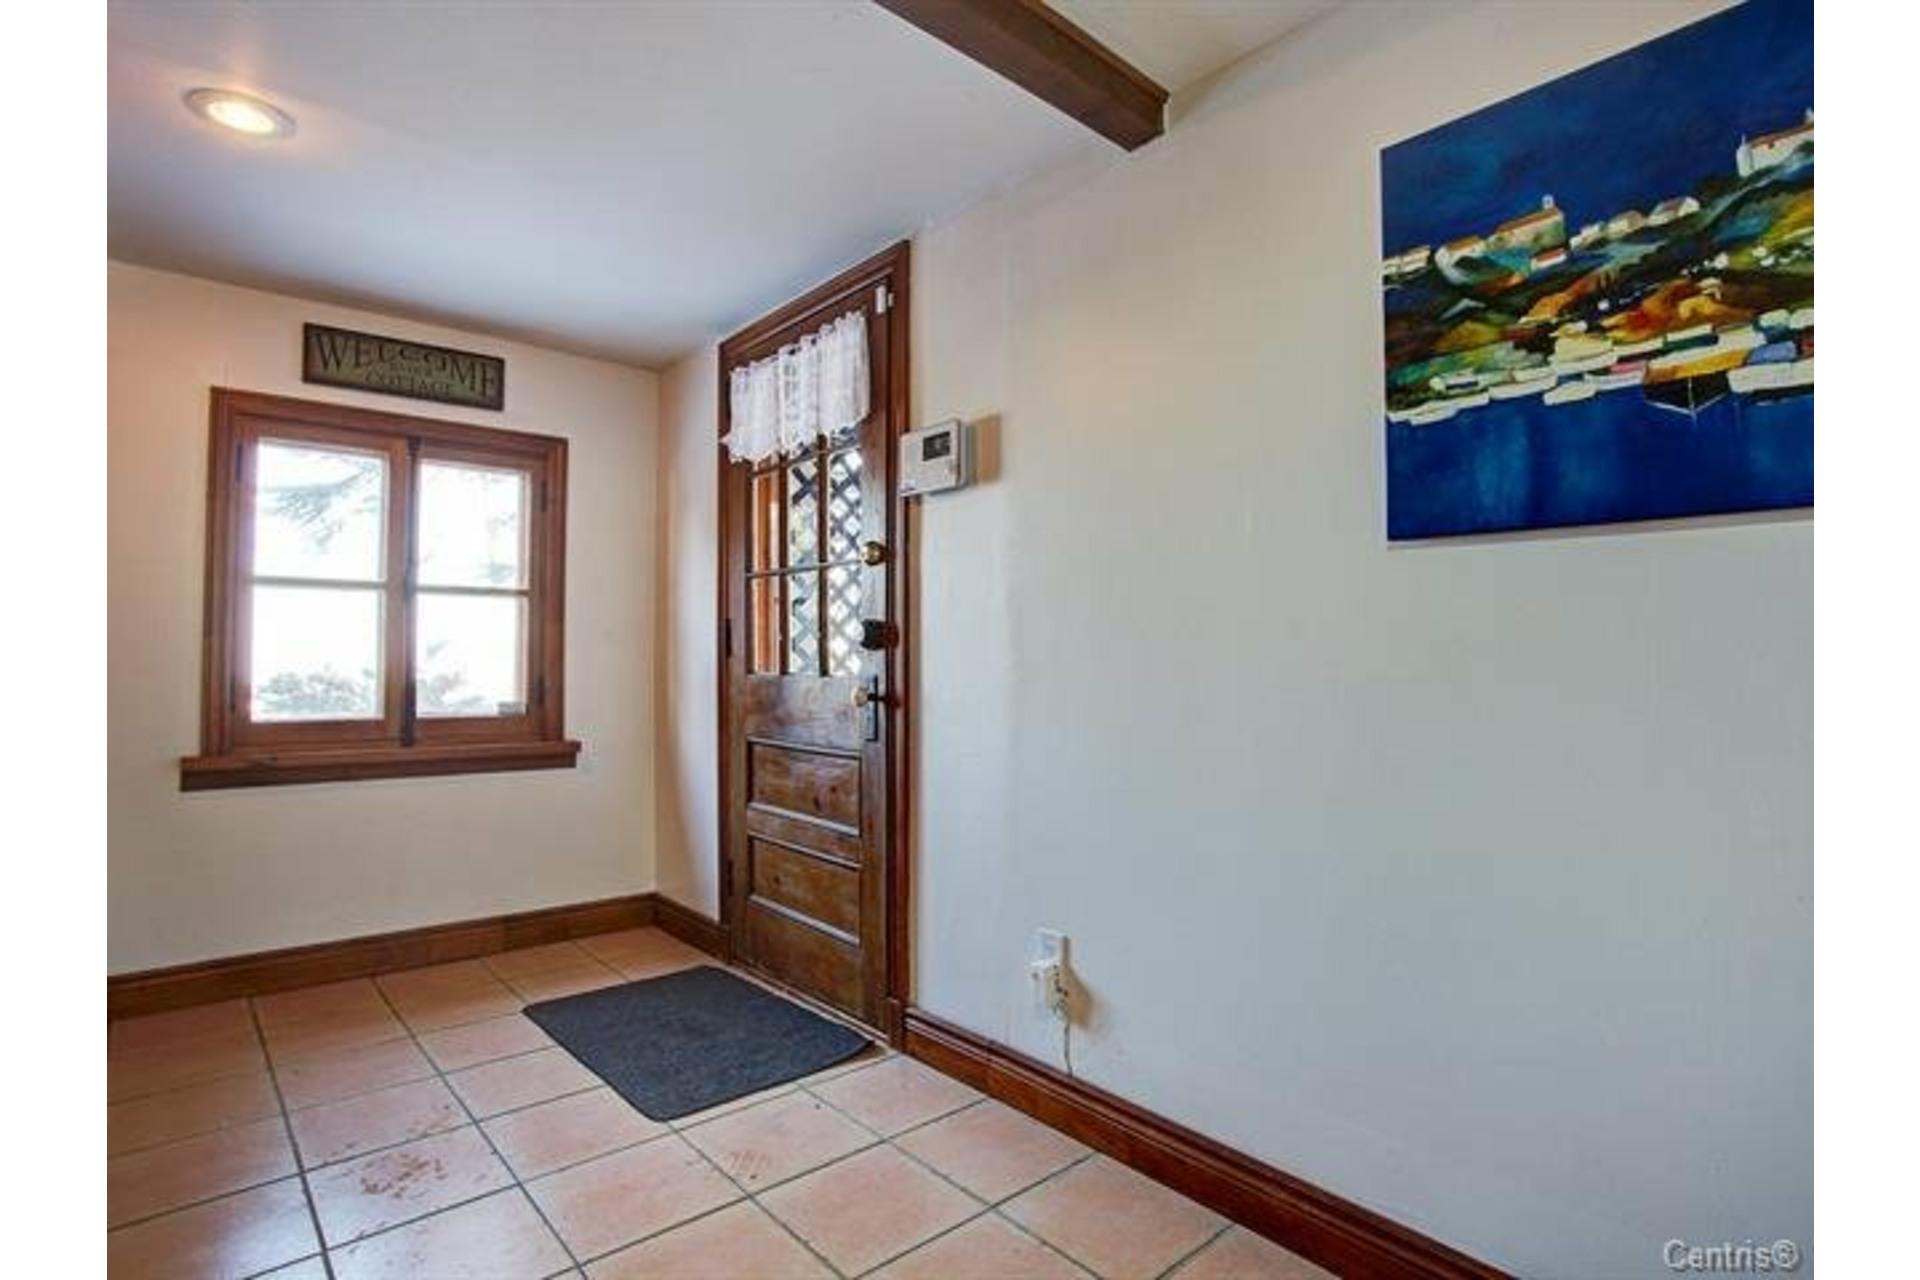 image 18 - Maison À vendre Vaudreuil-Dorion - 12 pièces